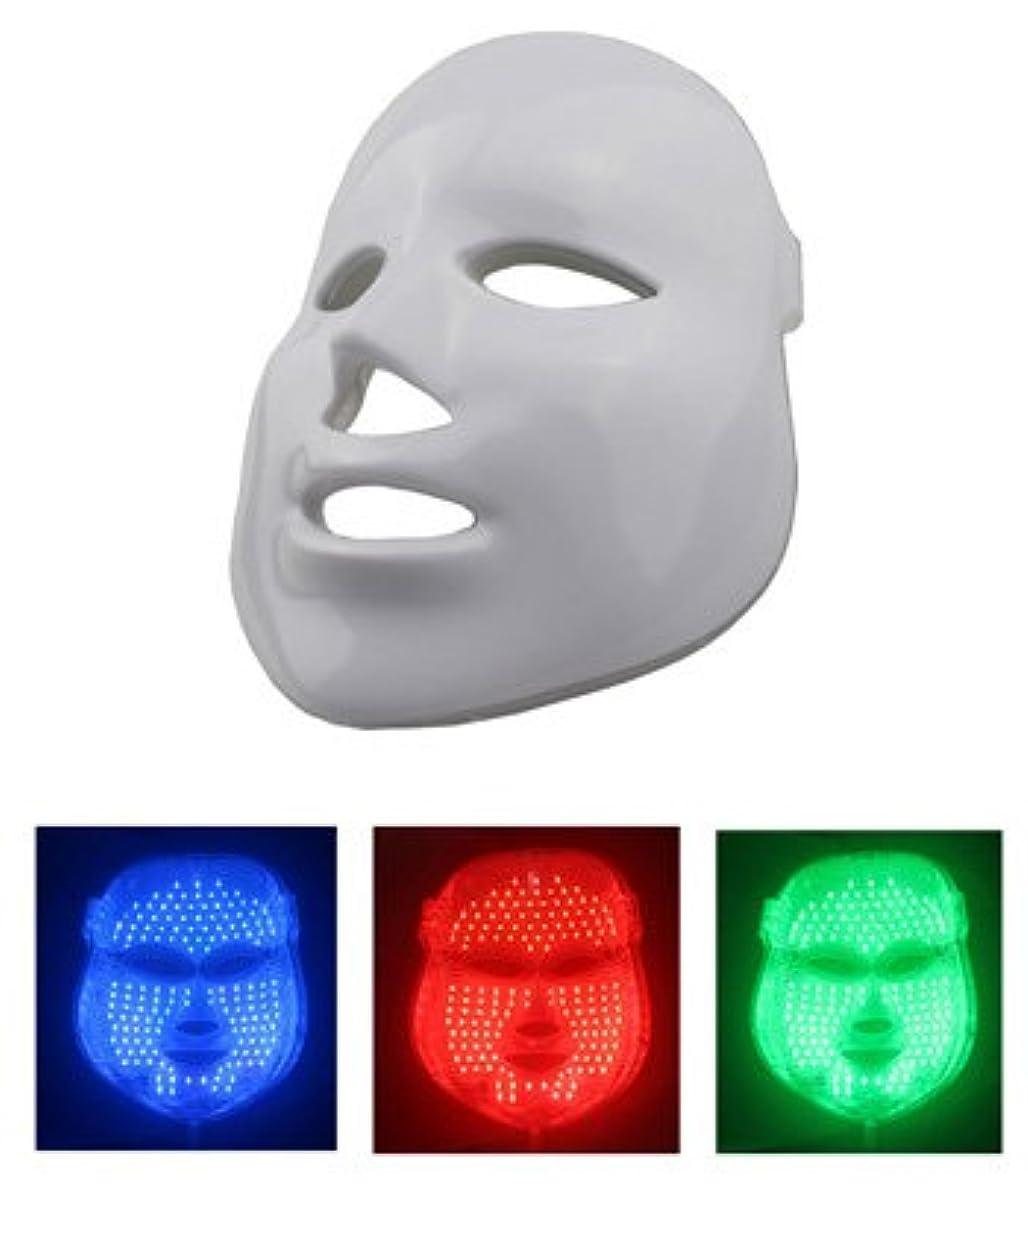 問い合わせる小道具葡萄美顔 LEDマスク LED美顔器 三色モデル